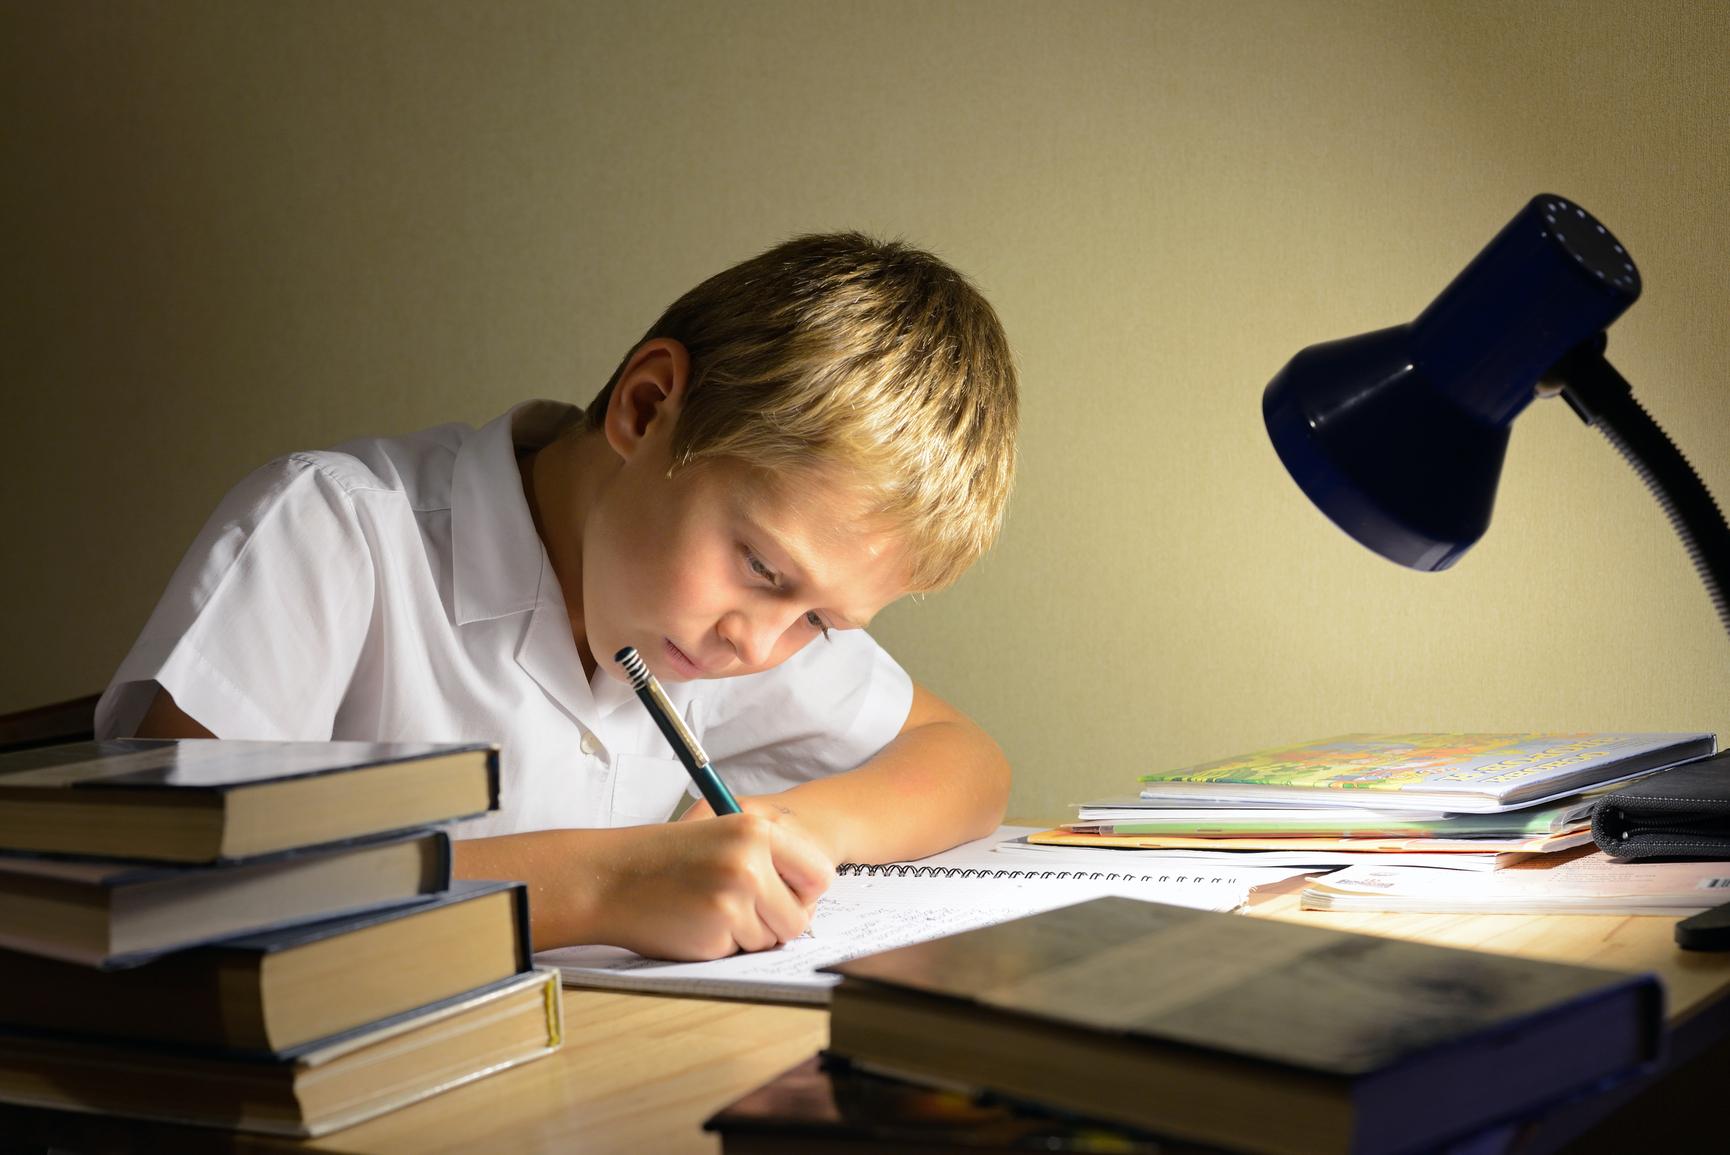 Как мотивировать ребенка хорошо учиться